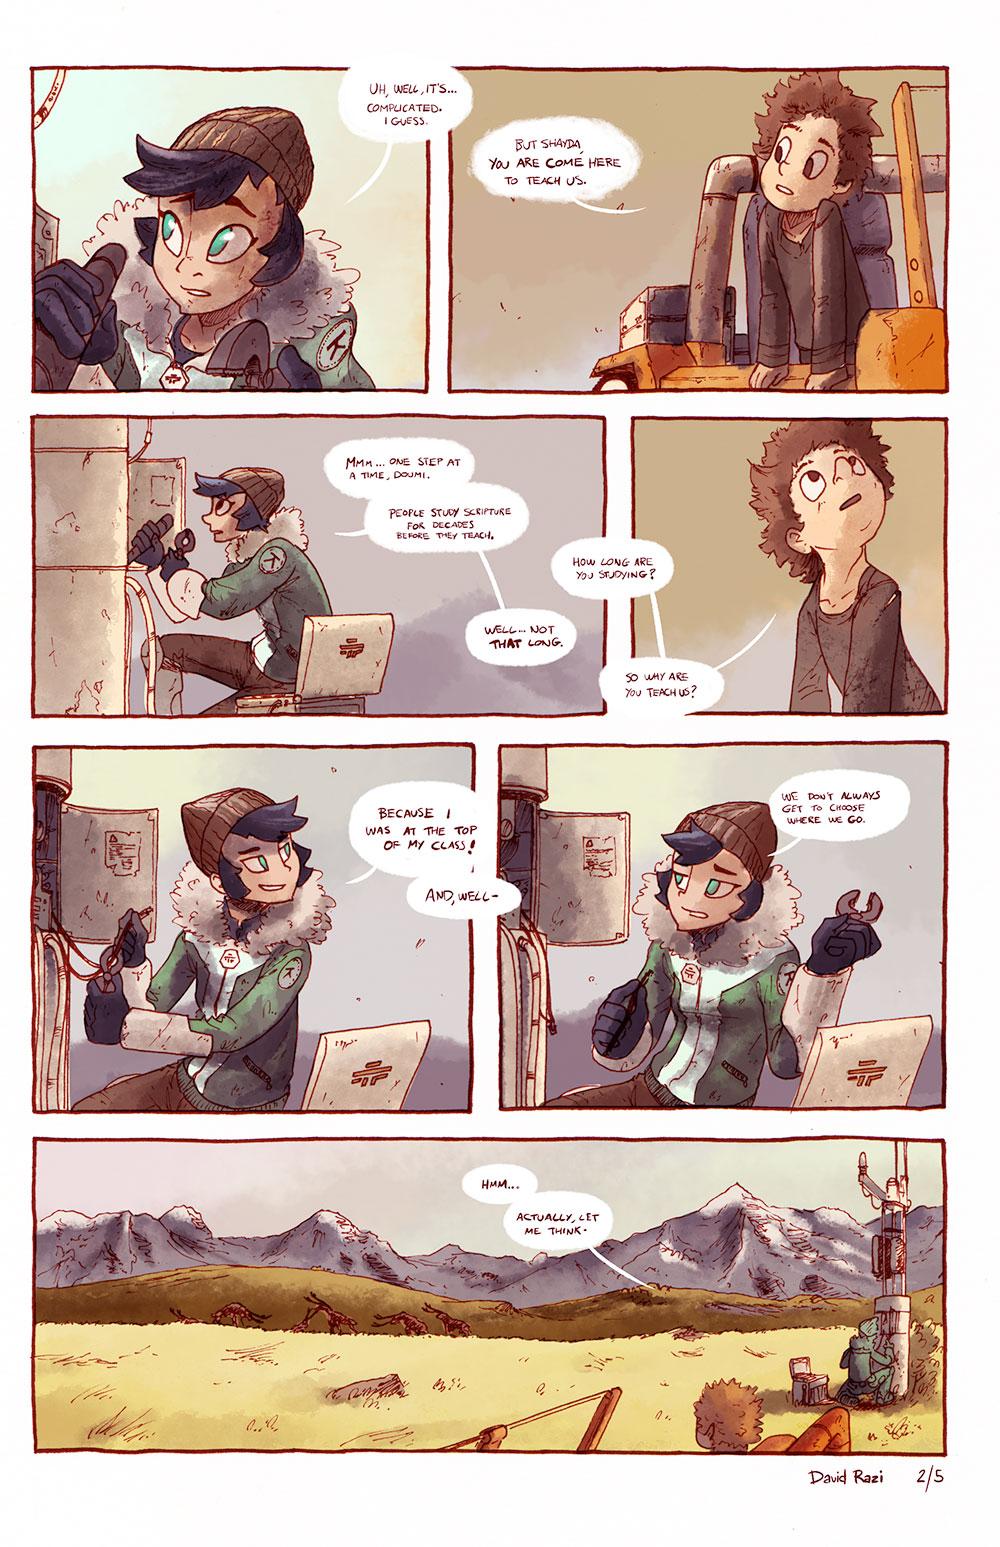 Maps Comics - Repairs 2/5